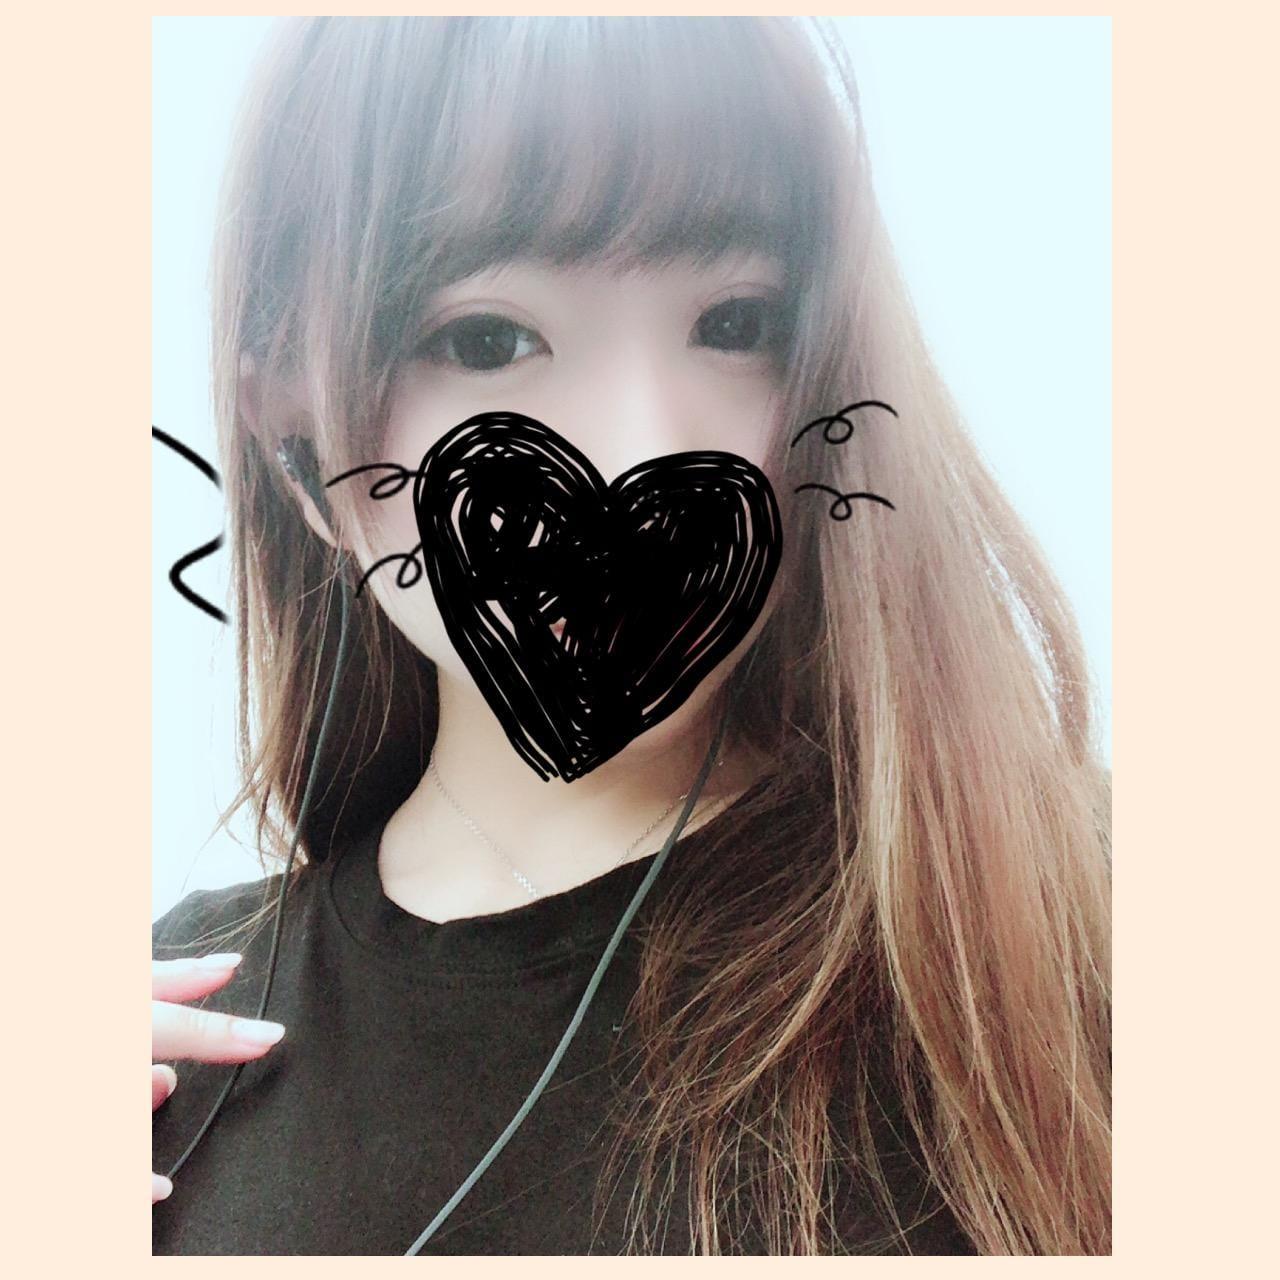 「今日はお休みです♪」09/09(日) 12:26 | 美恋(ミレン)の写メ・風俗動画